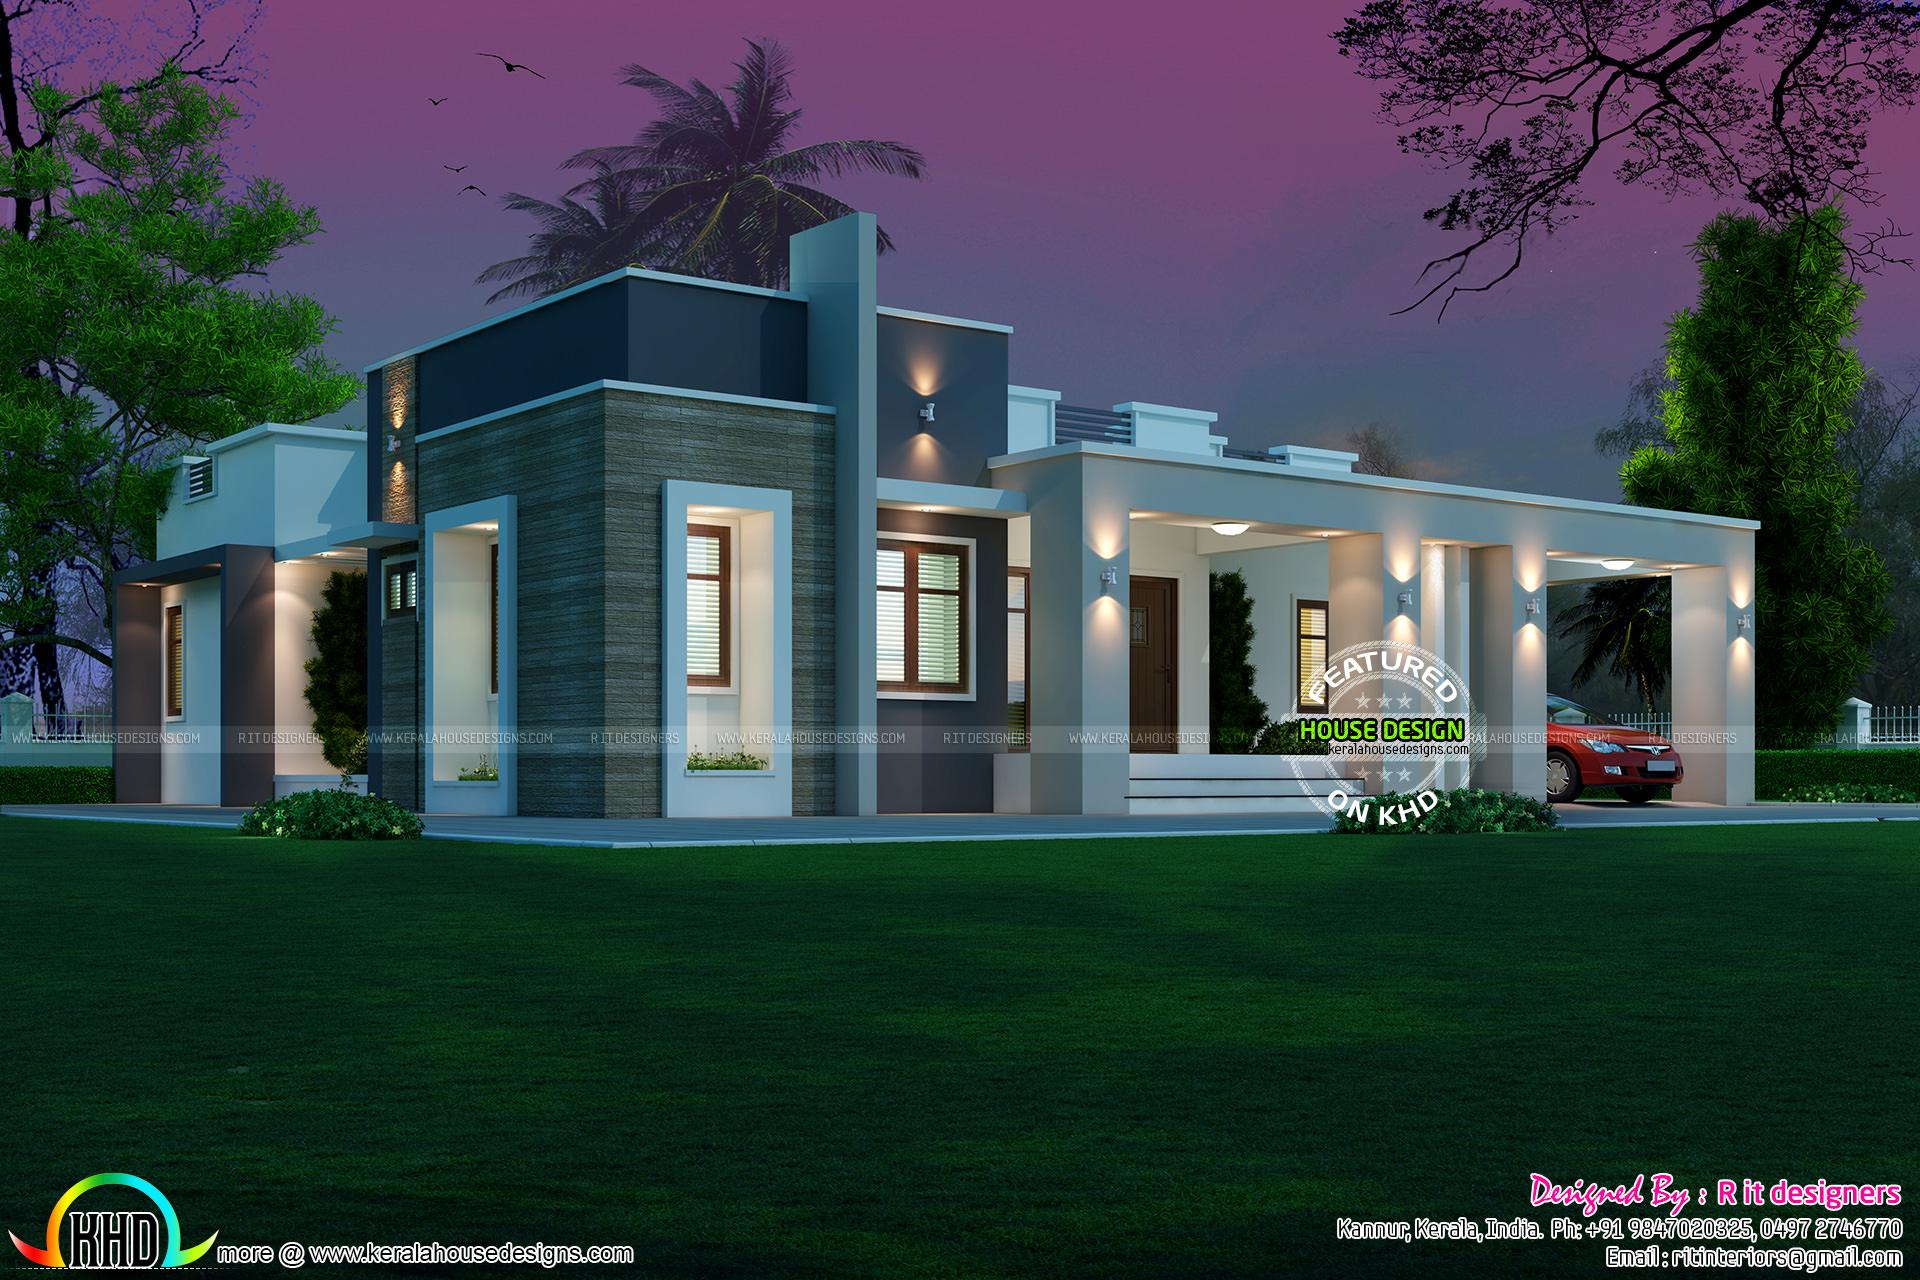 3 bedroom modern single floor ₹40 laks cost - Home Design ...